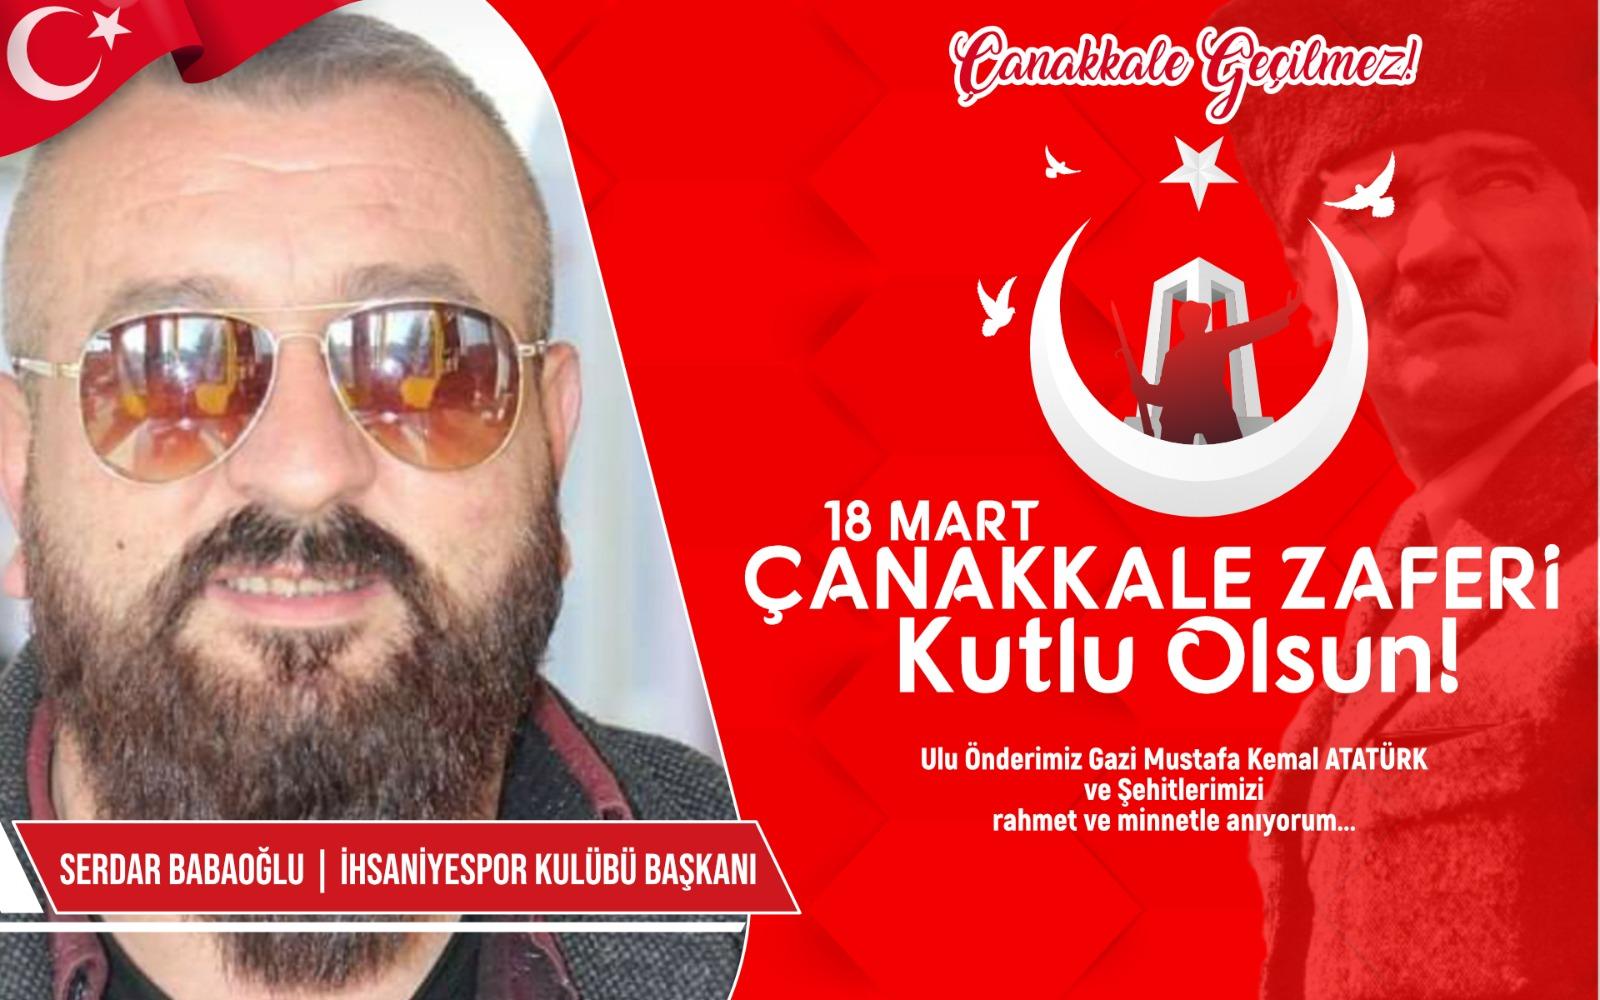 Serdar Babaoğlun'dan kutlama ve anma mesajı